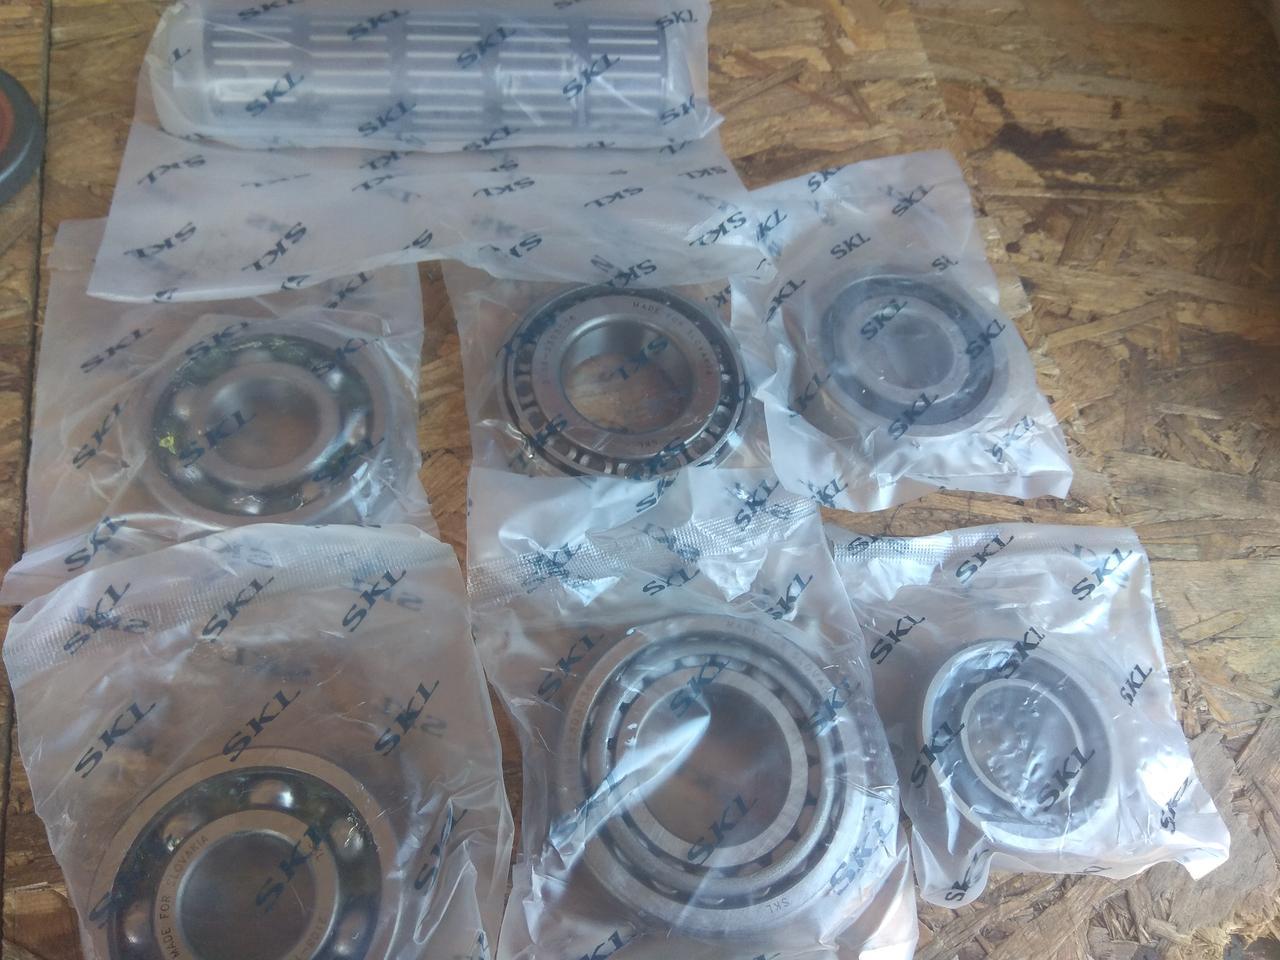 Ремкомплект КПП Ваз 2108,2109,21099, 2110, 2111, 2112, 2113, 2114, 2115 (8 клапанный двигатель ) подшипники